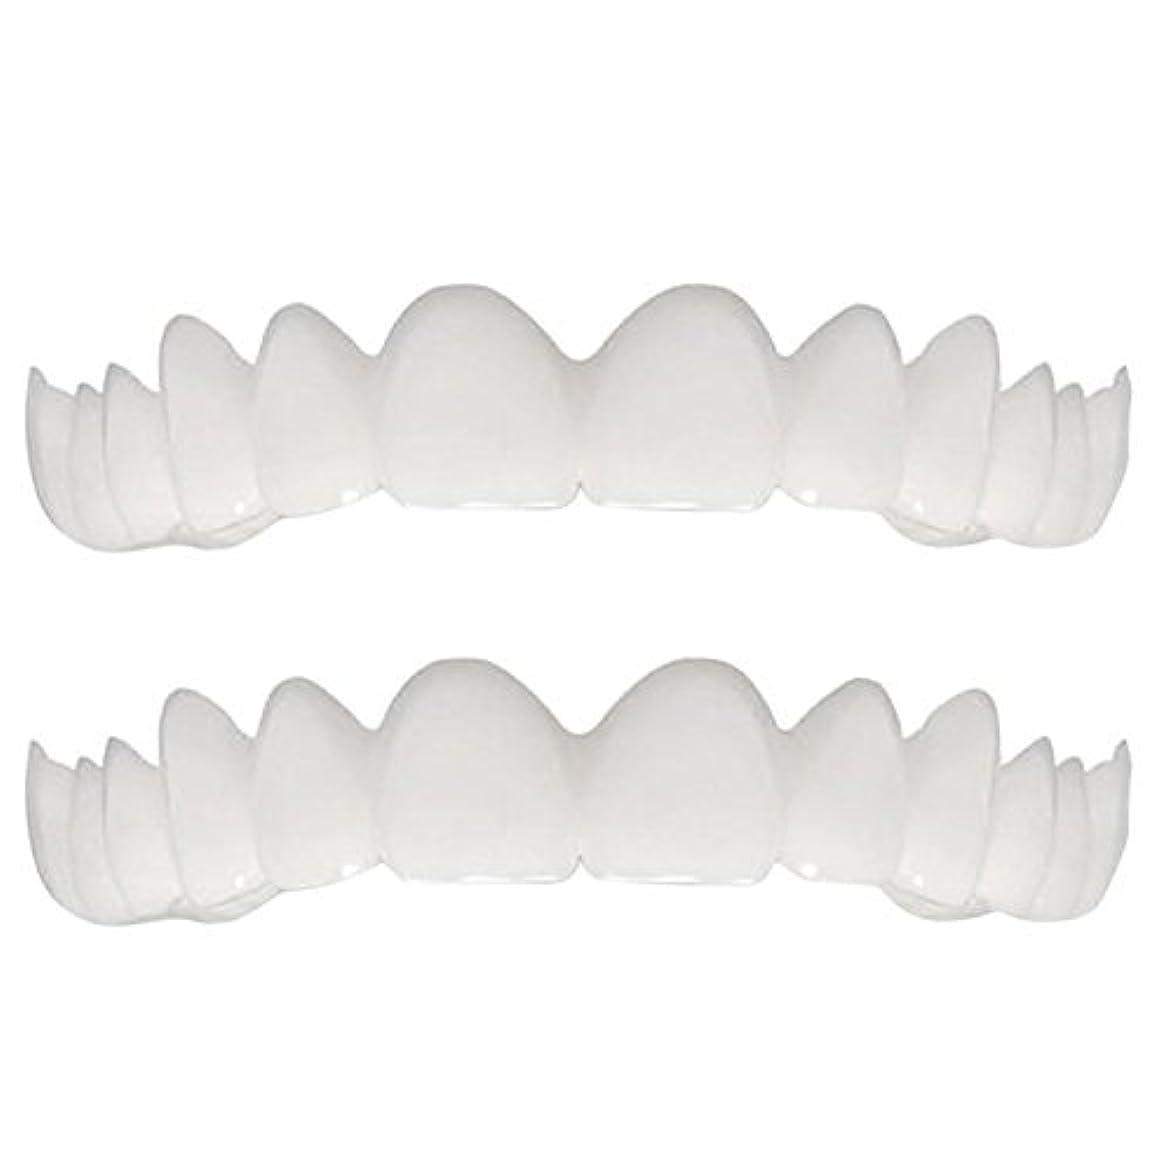 太い定数複製する柔らかい歯の総義歯と合うシリコーンのシミュレーションの上下の総義歯(2セット),Opp